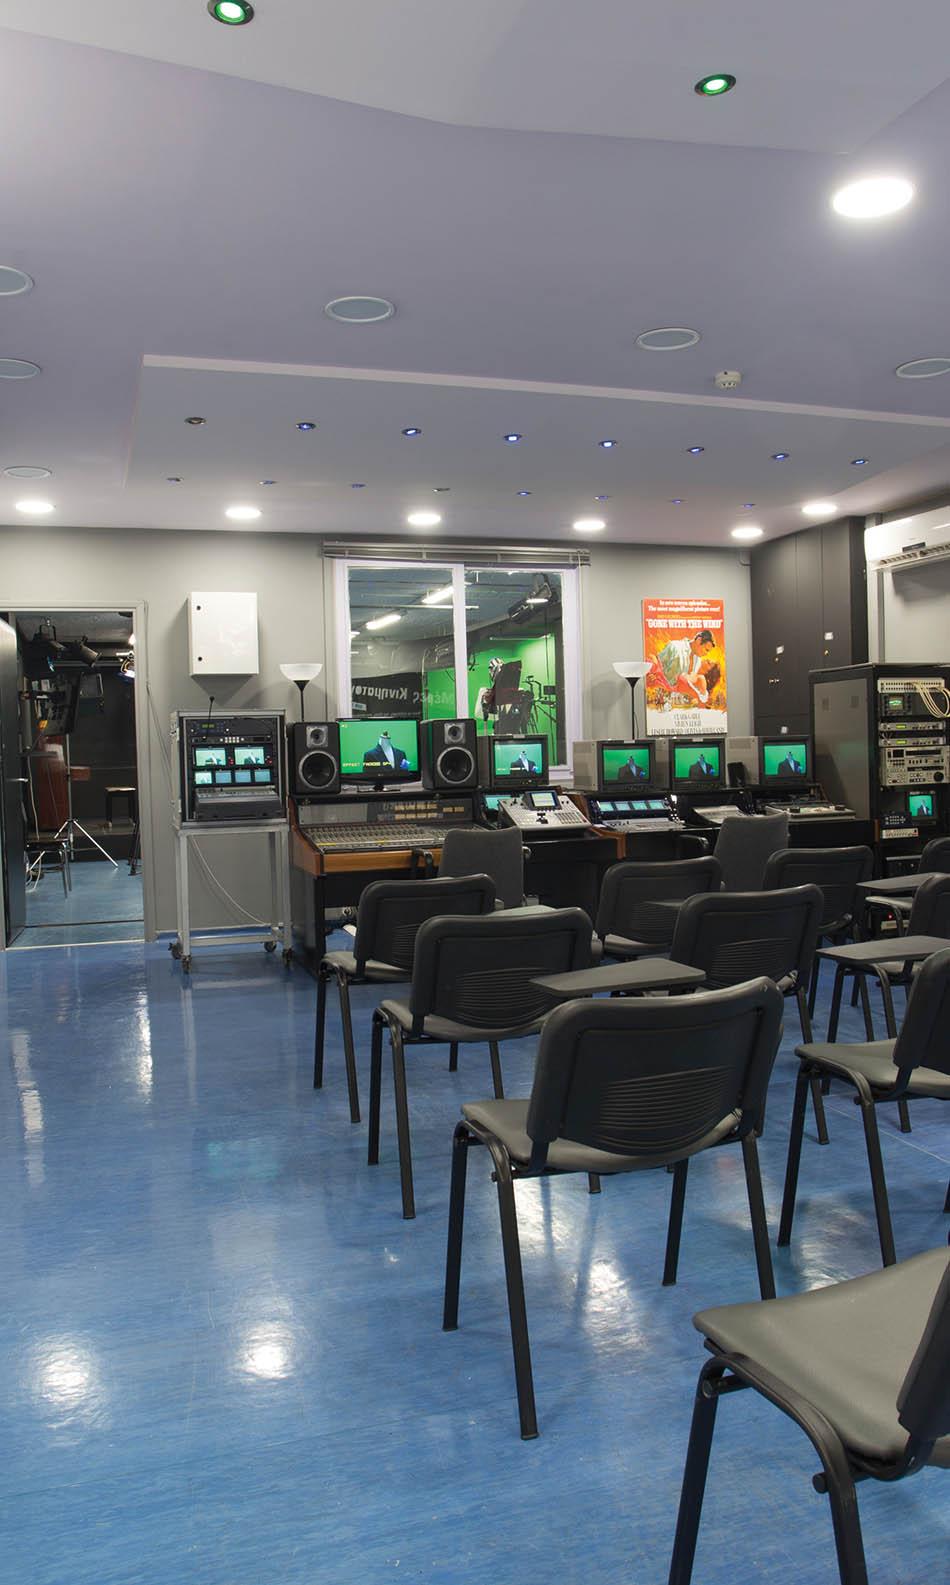 ΙΕΚ ΑΚΜΗ: Εργαστήριο Μοντάζ